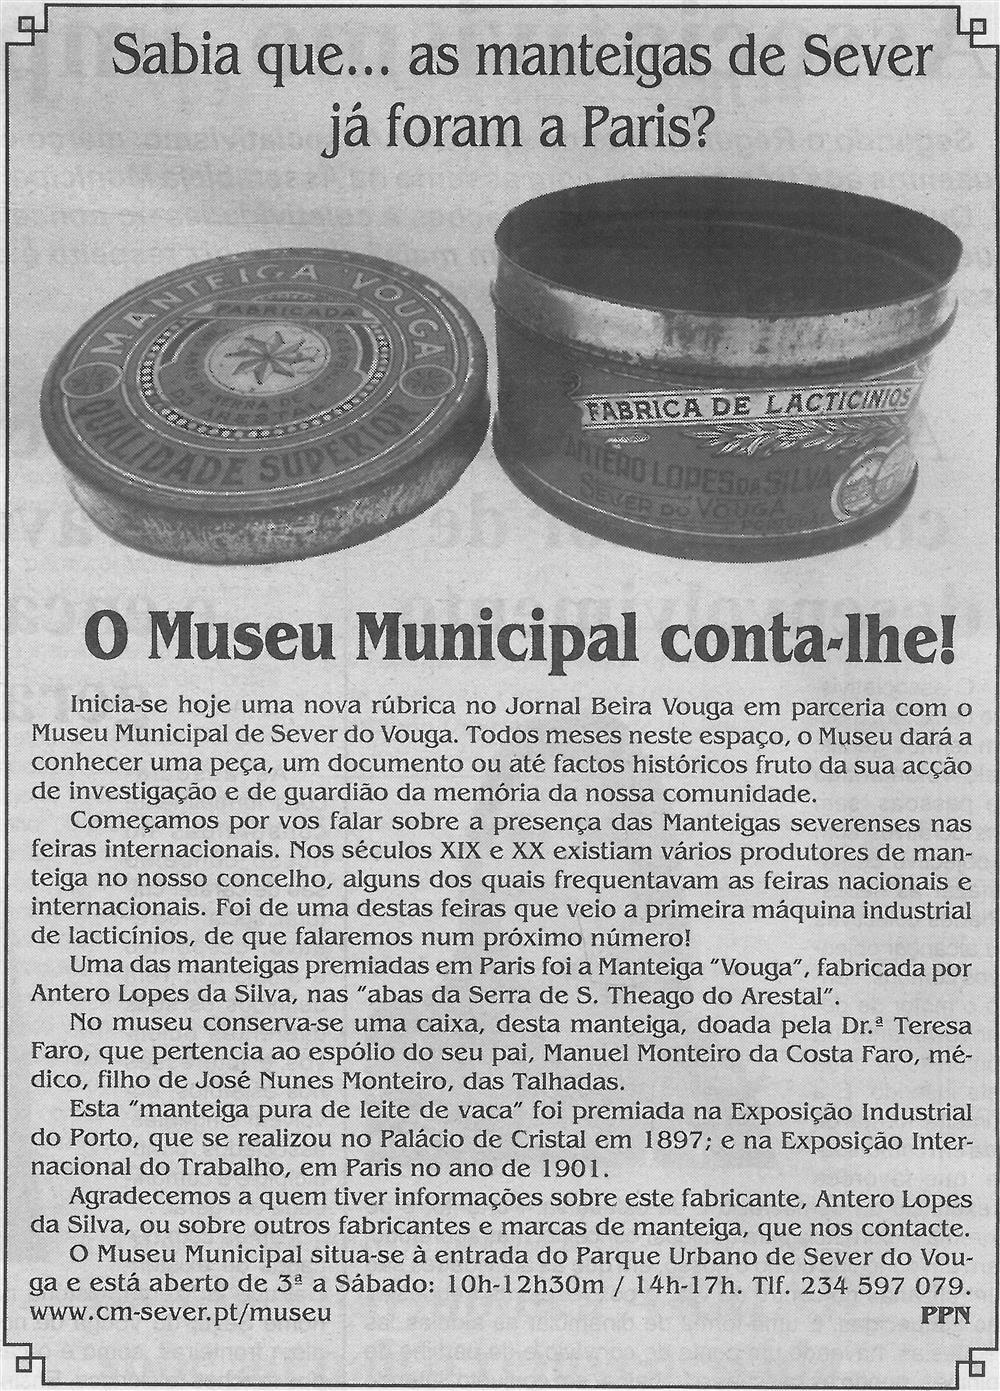 BV-2.ªfev.'20-p.6-O Museu Municipal conta-lhe : sabia que as manteigas de Sever já foram a Paris?.jpg